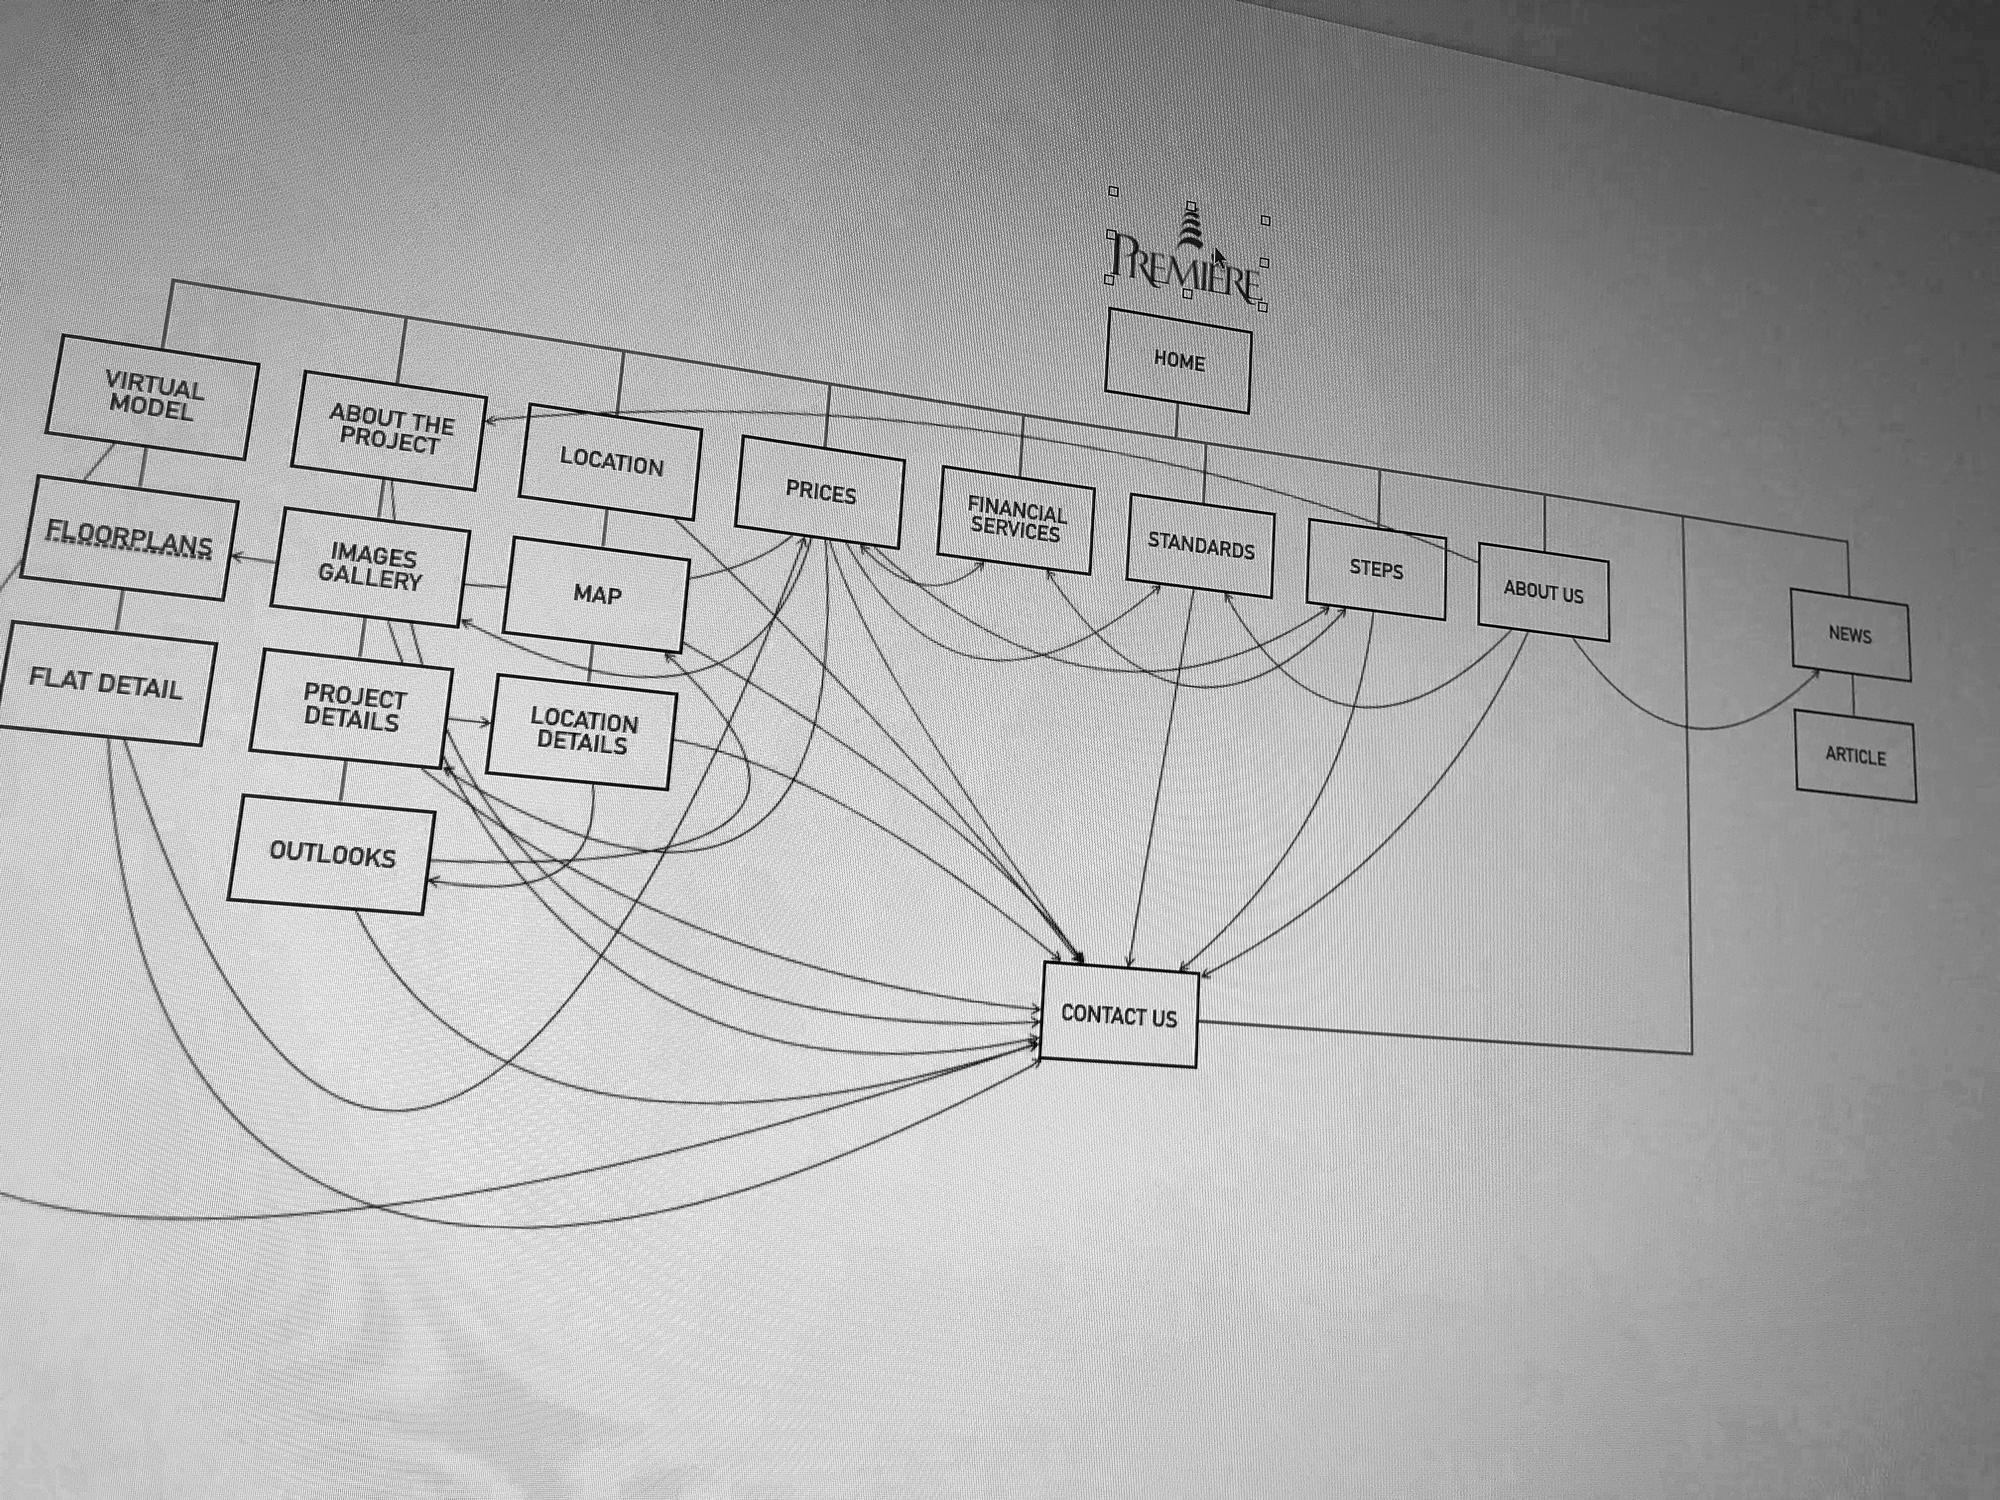 Sitemap & screens flow